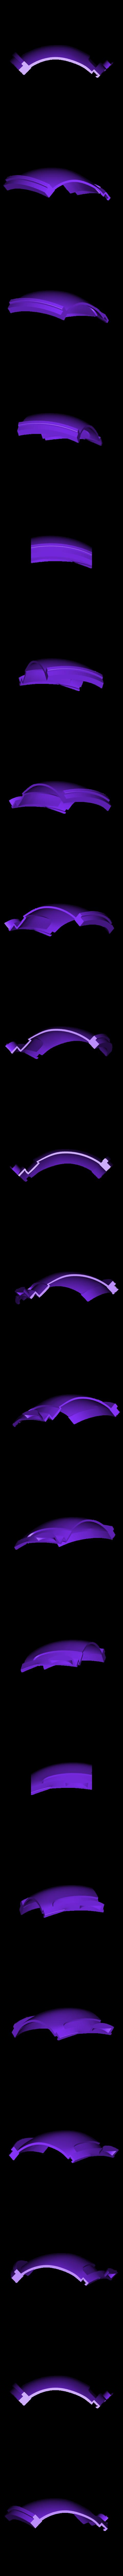 Part_11.stl Télécharger fichier STL gratuit Capitaine Rex Casque Phase 2 (Star Wars) • Plan imprimable en 3D, VillainousPropShop